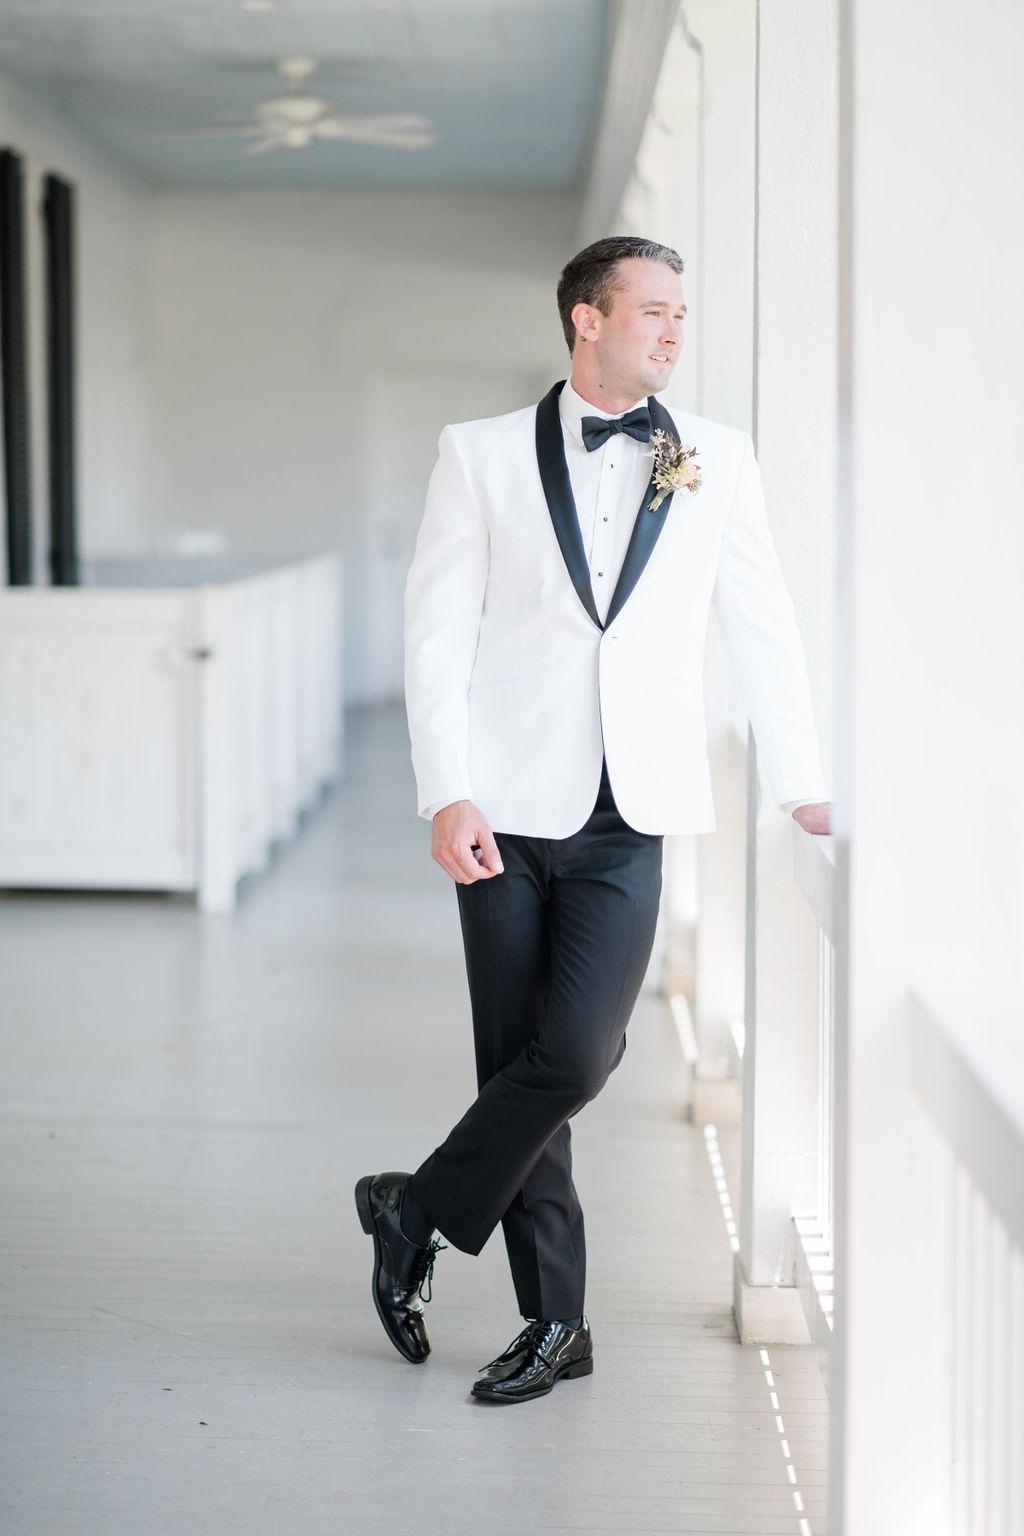 White wedding tuxedo jacket